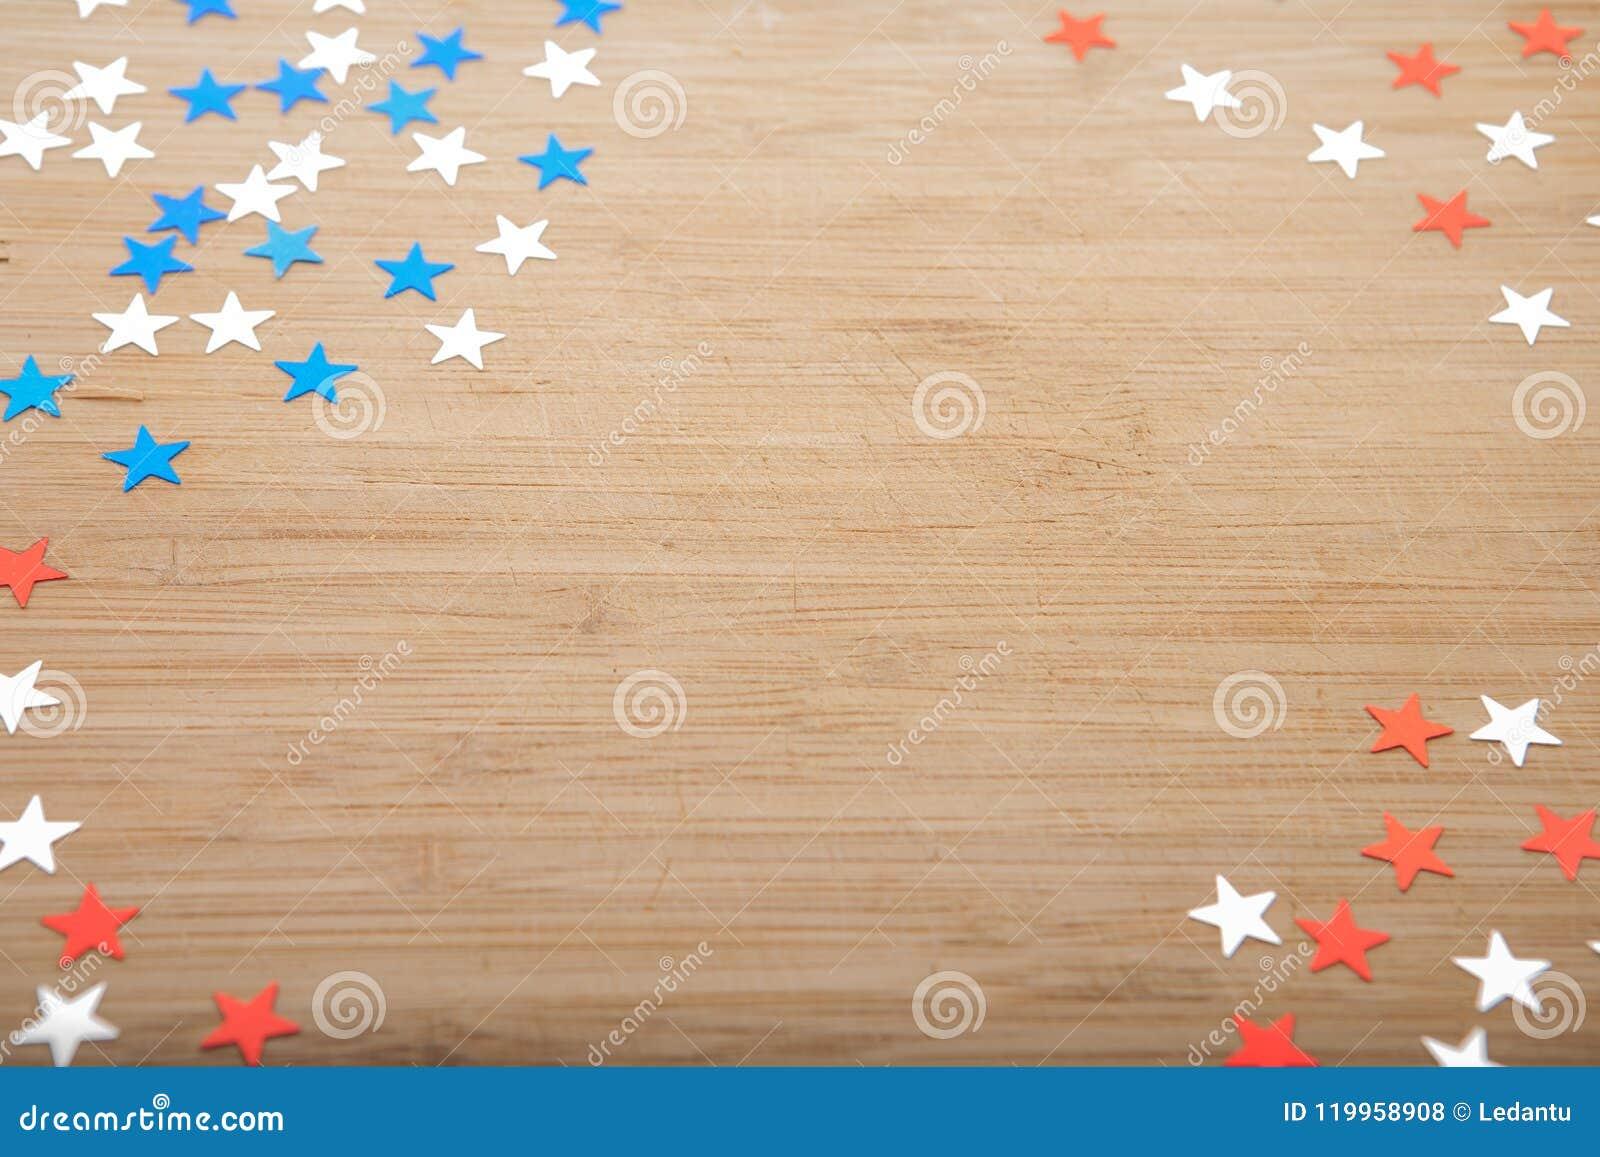 Estrelas Dos Confetes No Fundo De Madeira 4 De Julho O Dia Da